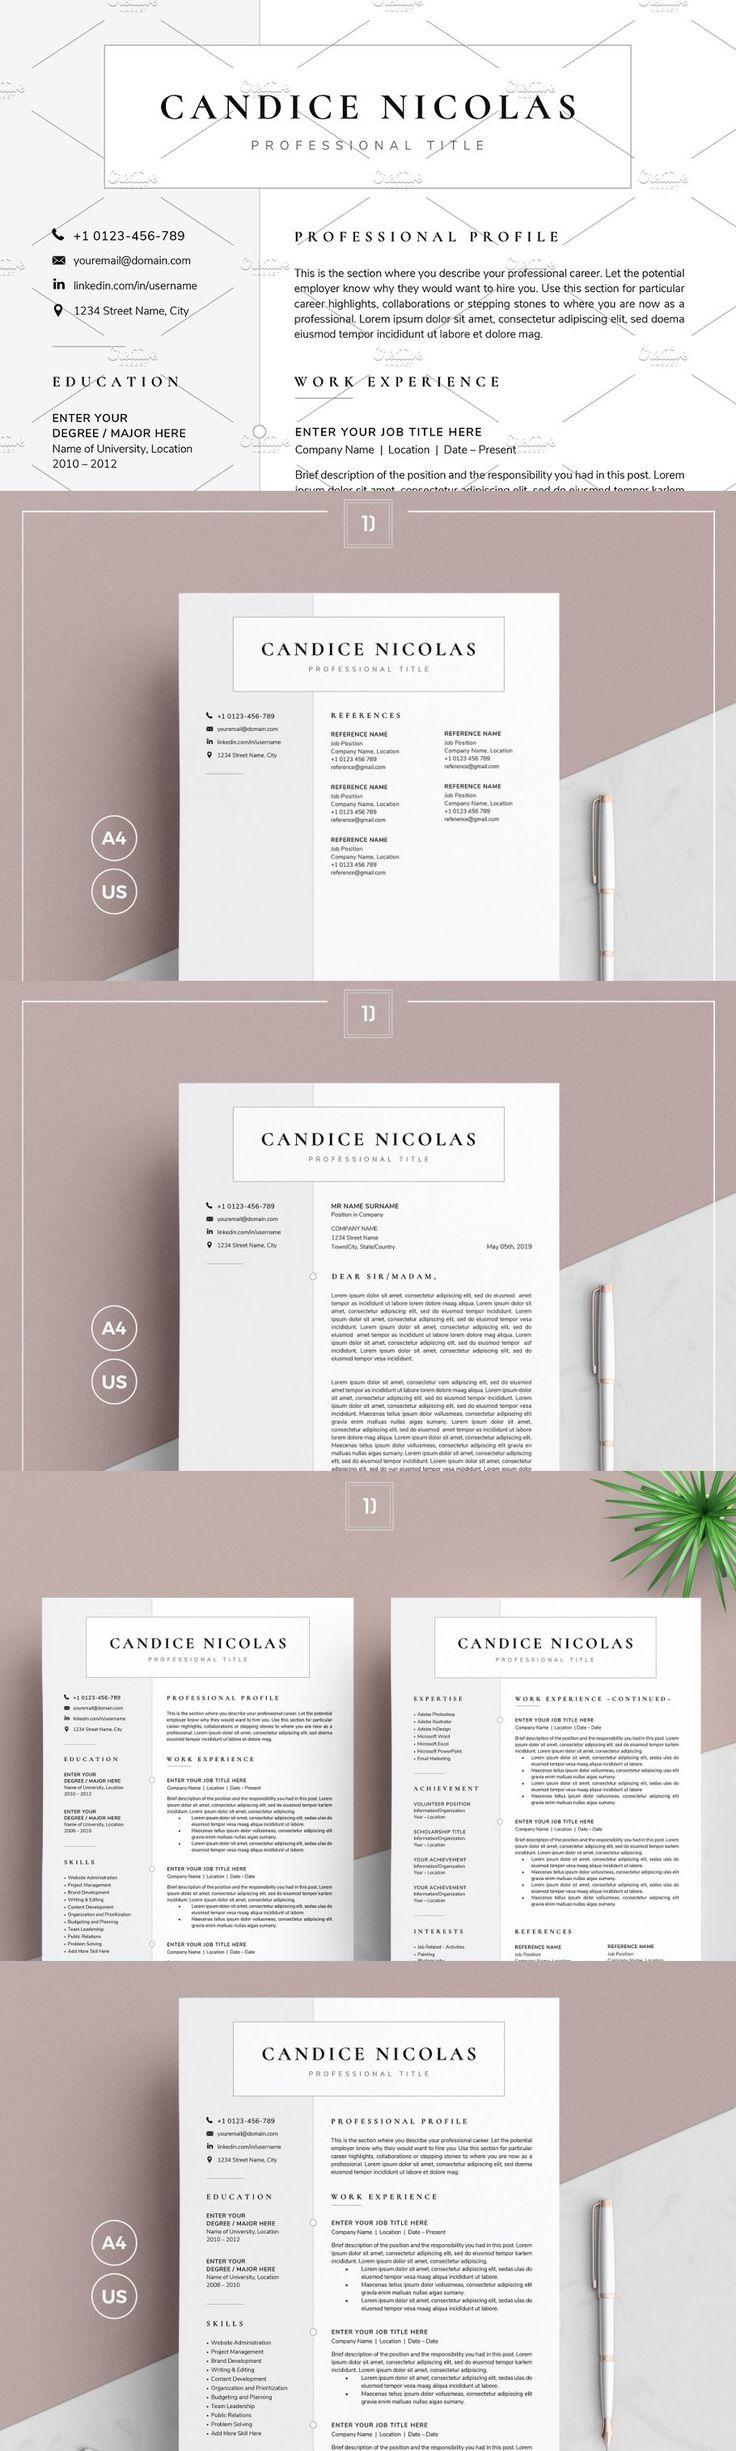 Resume/CV CN in 2020 Resume cv, Resume, Resume design